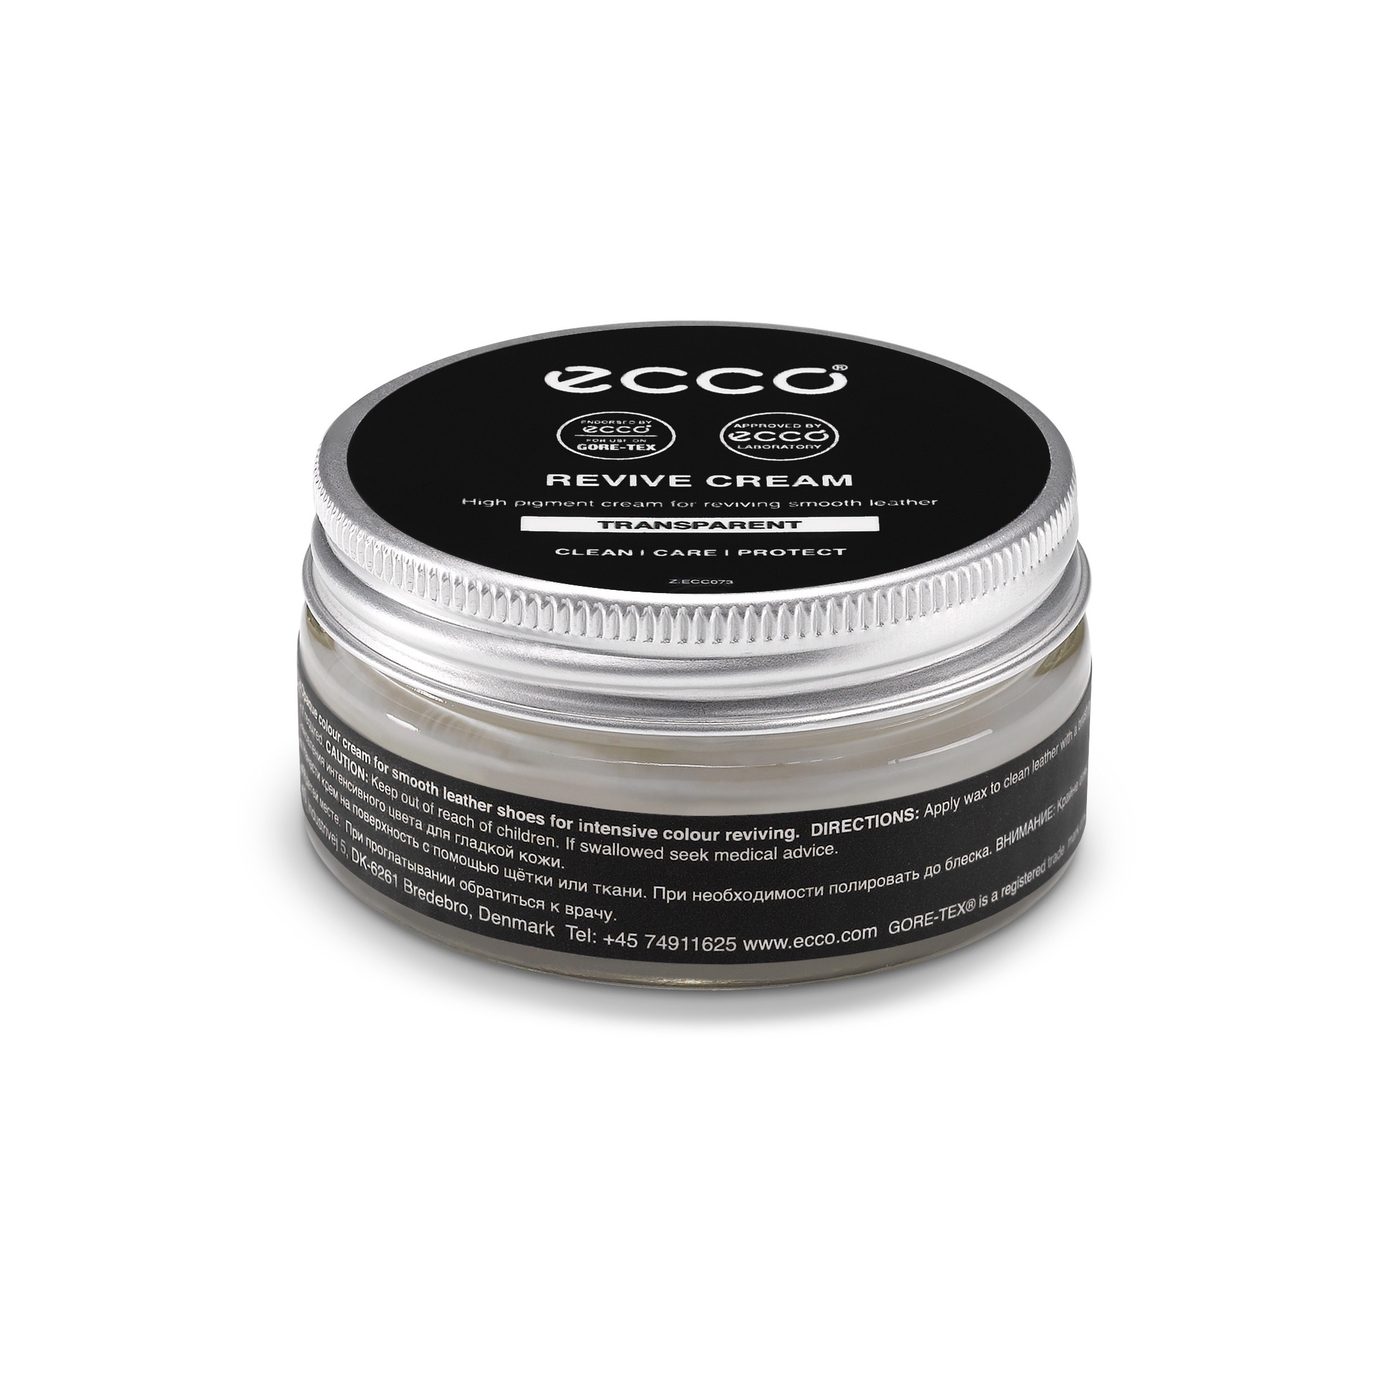 ECCO Revive Cream